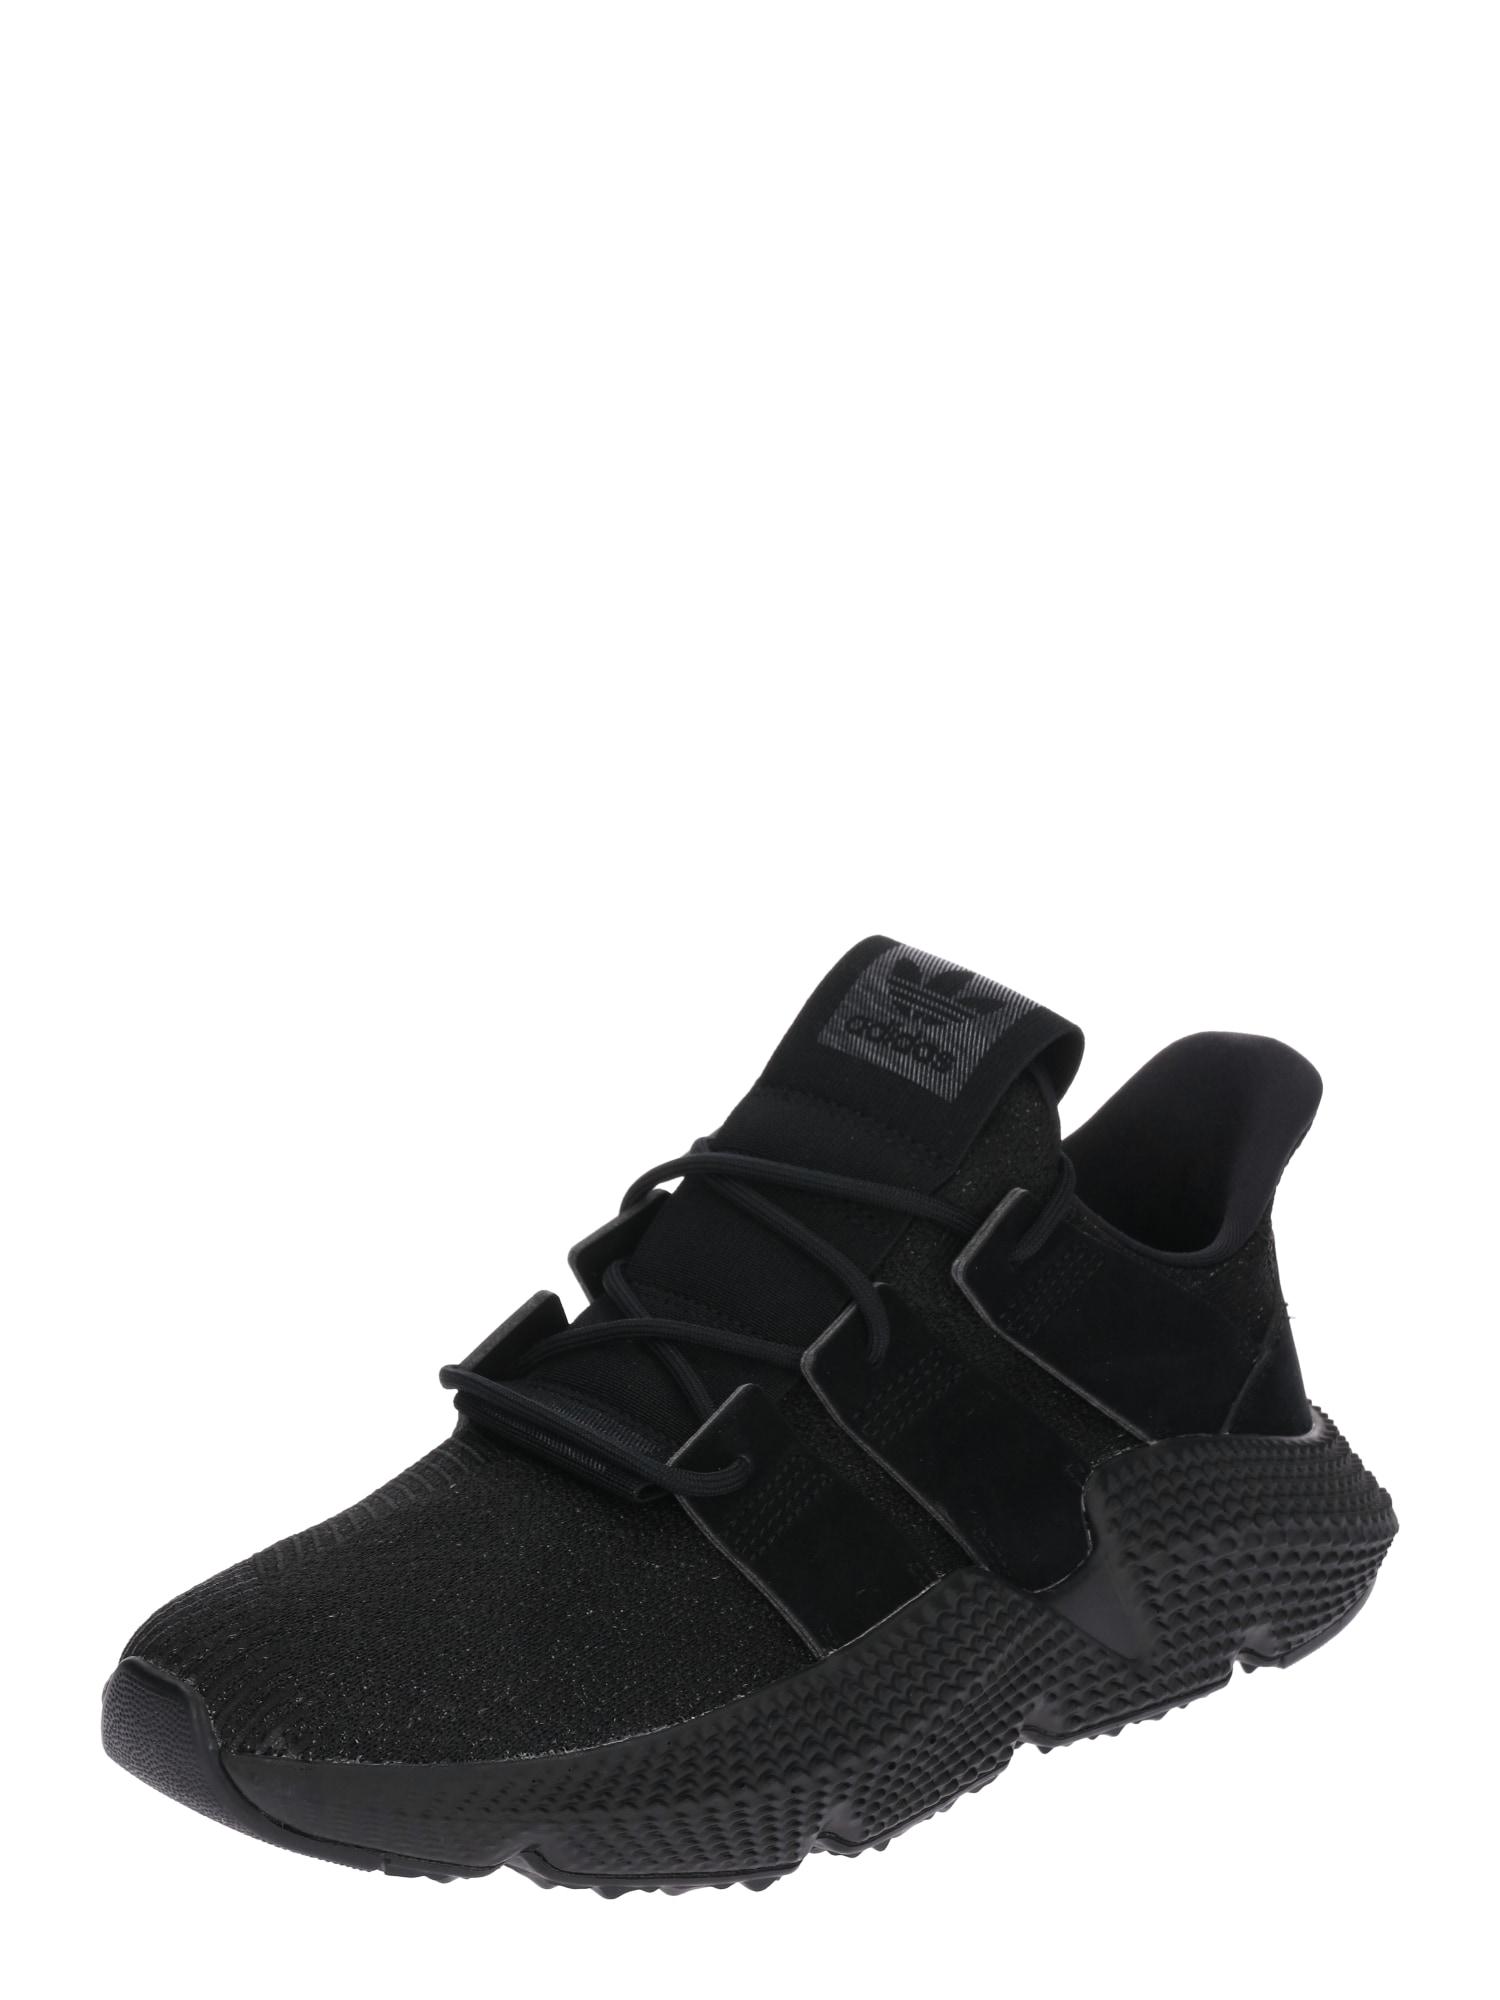 ADIDAS ORIGINALS, Heren Sneakers laag 'Prophere', zwart